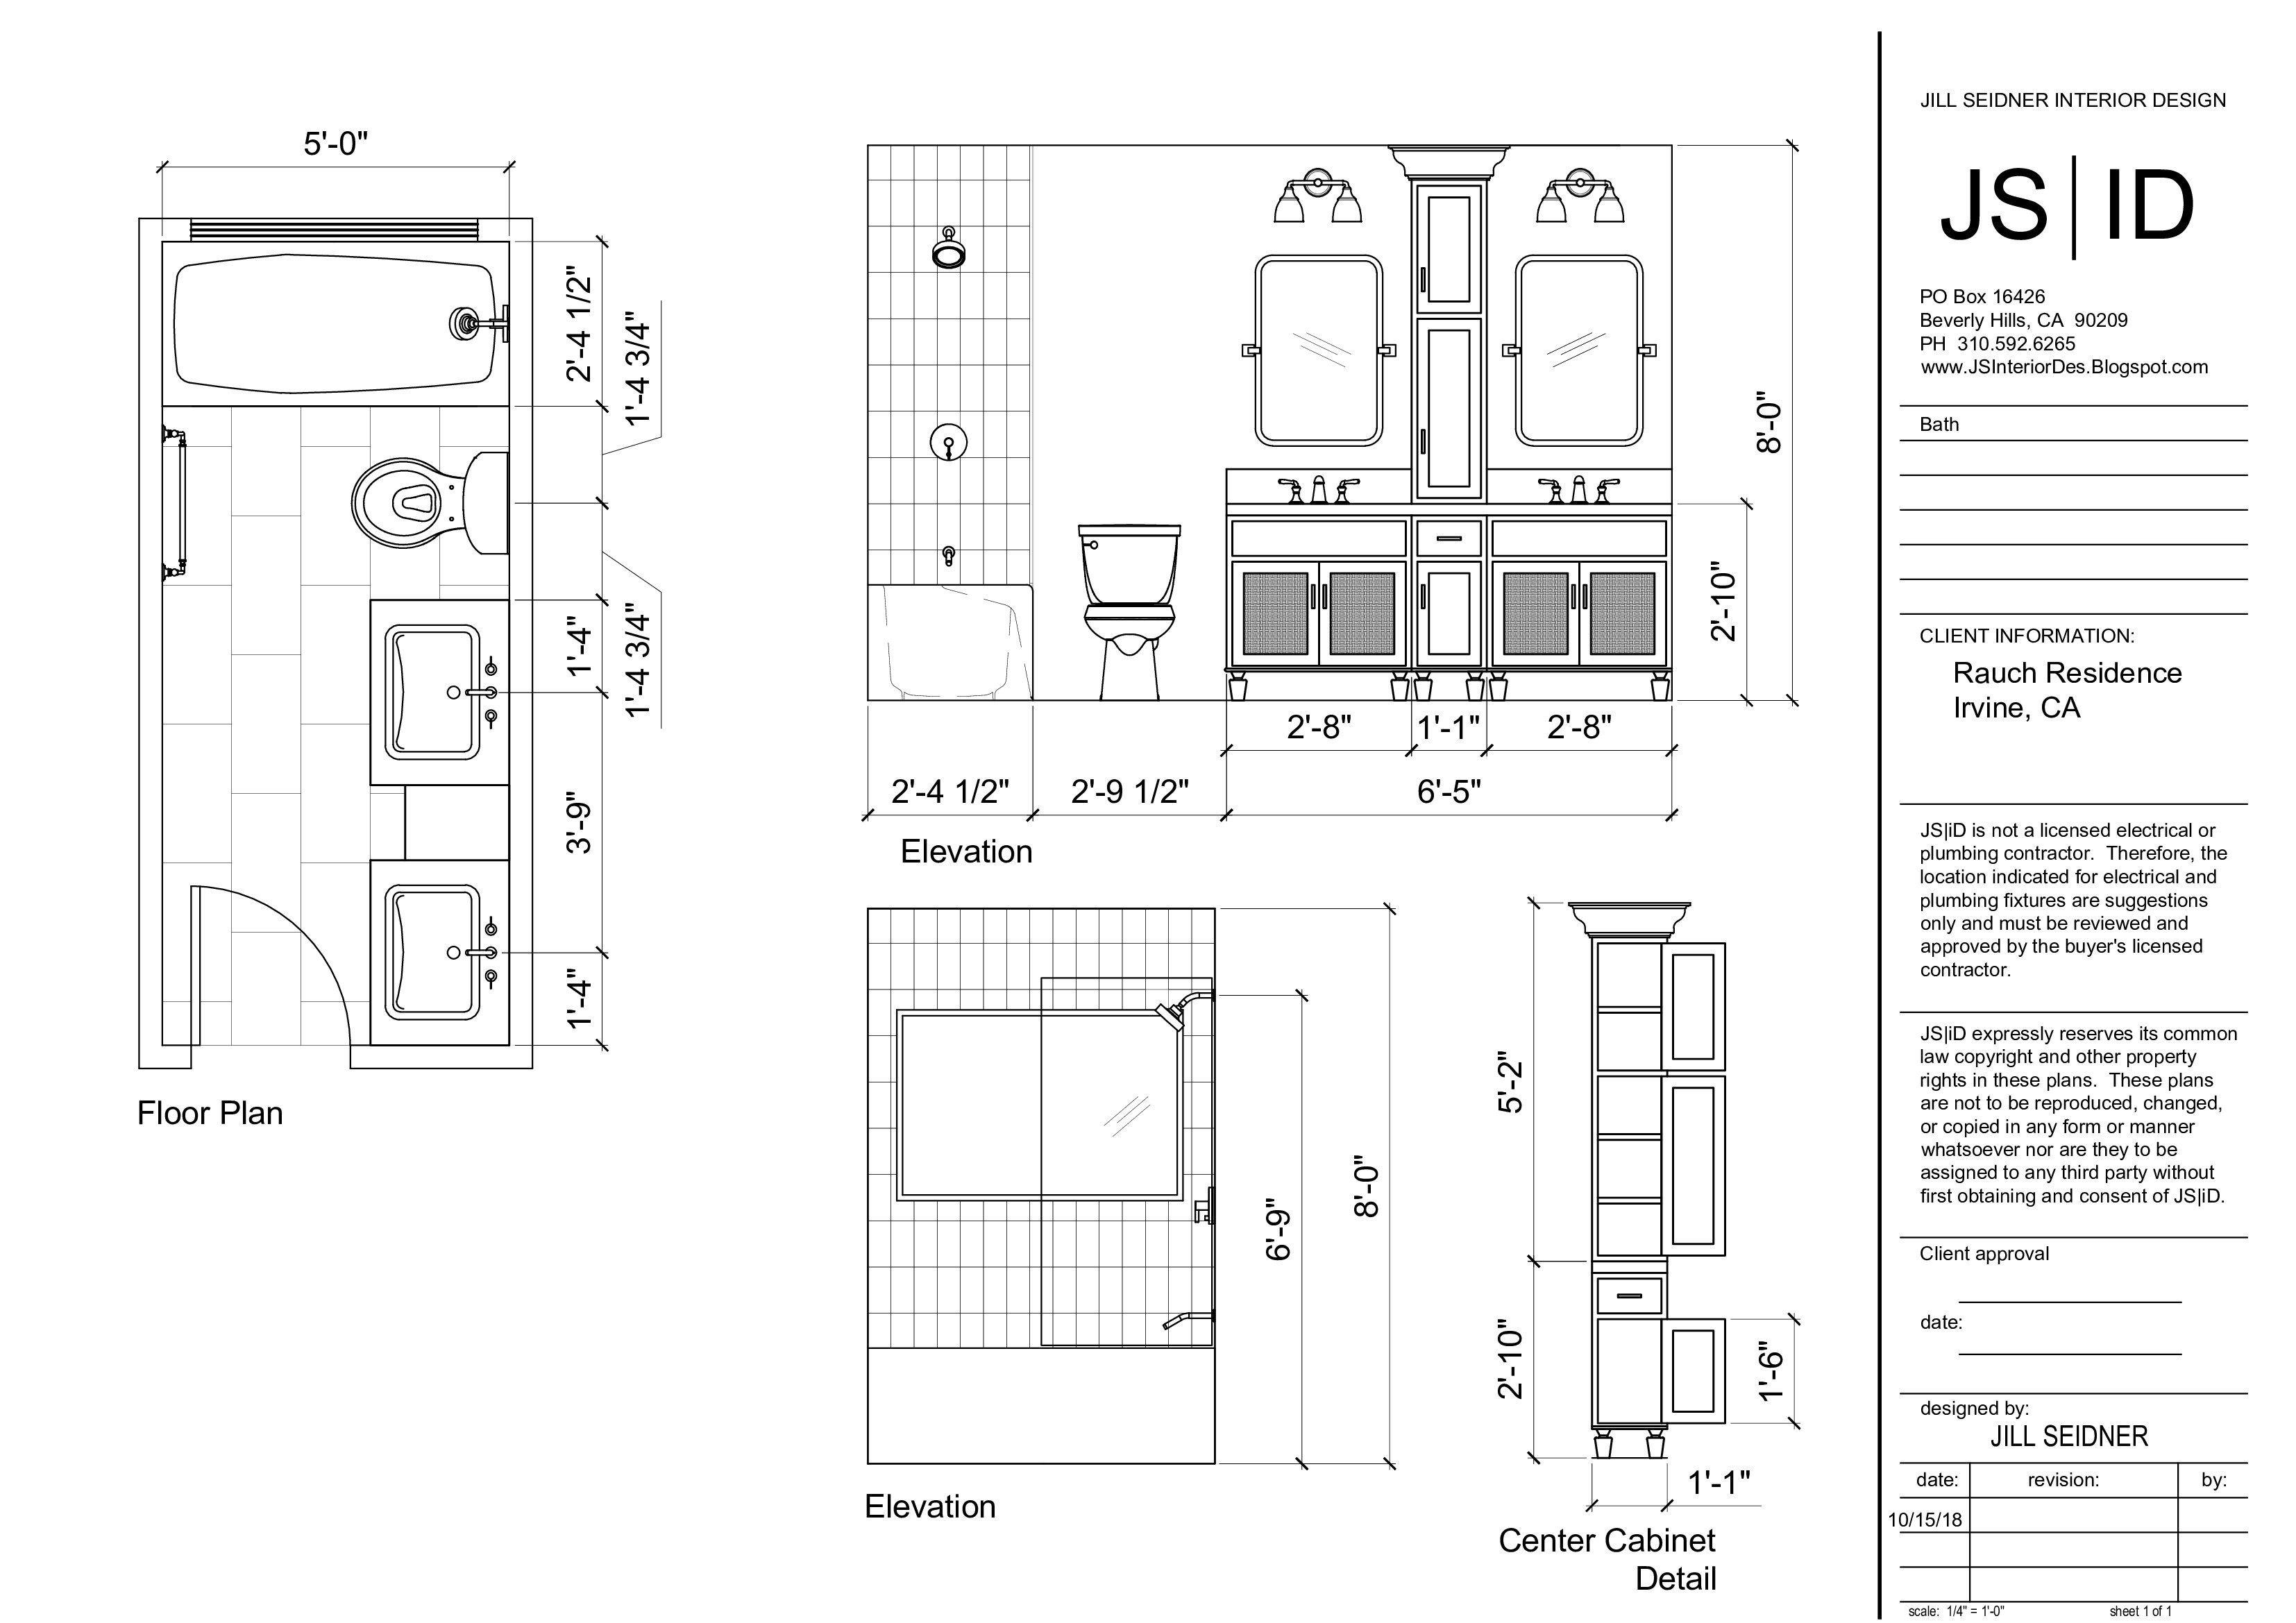 Jill Seidner Interior Design JILL SEIDNER